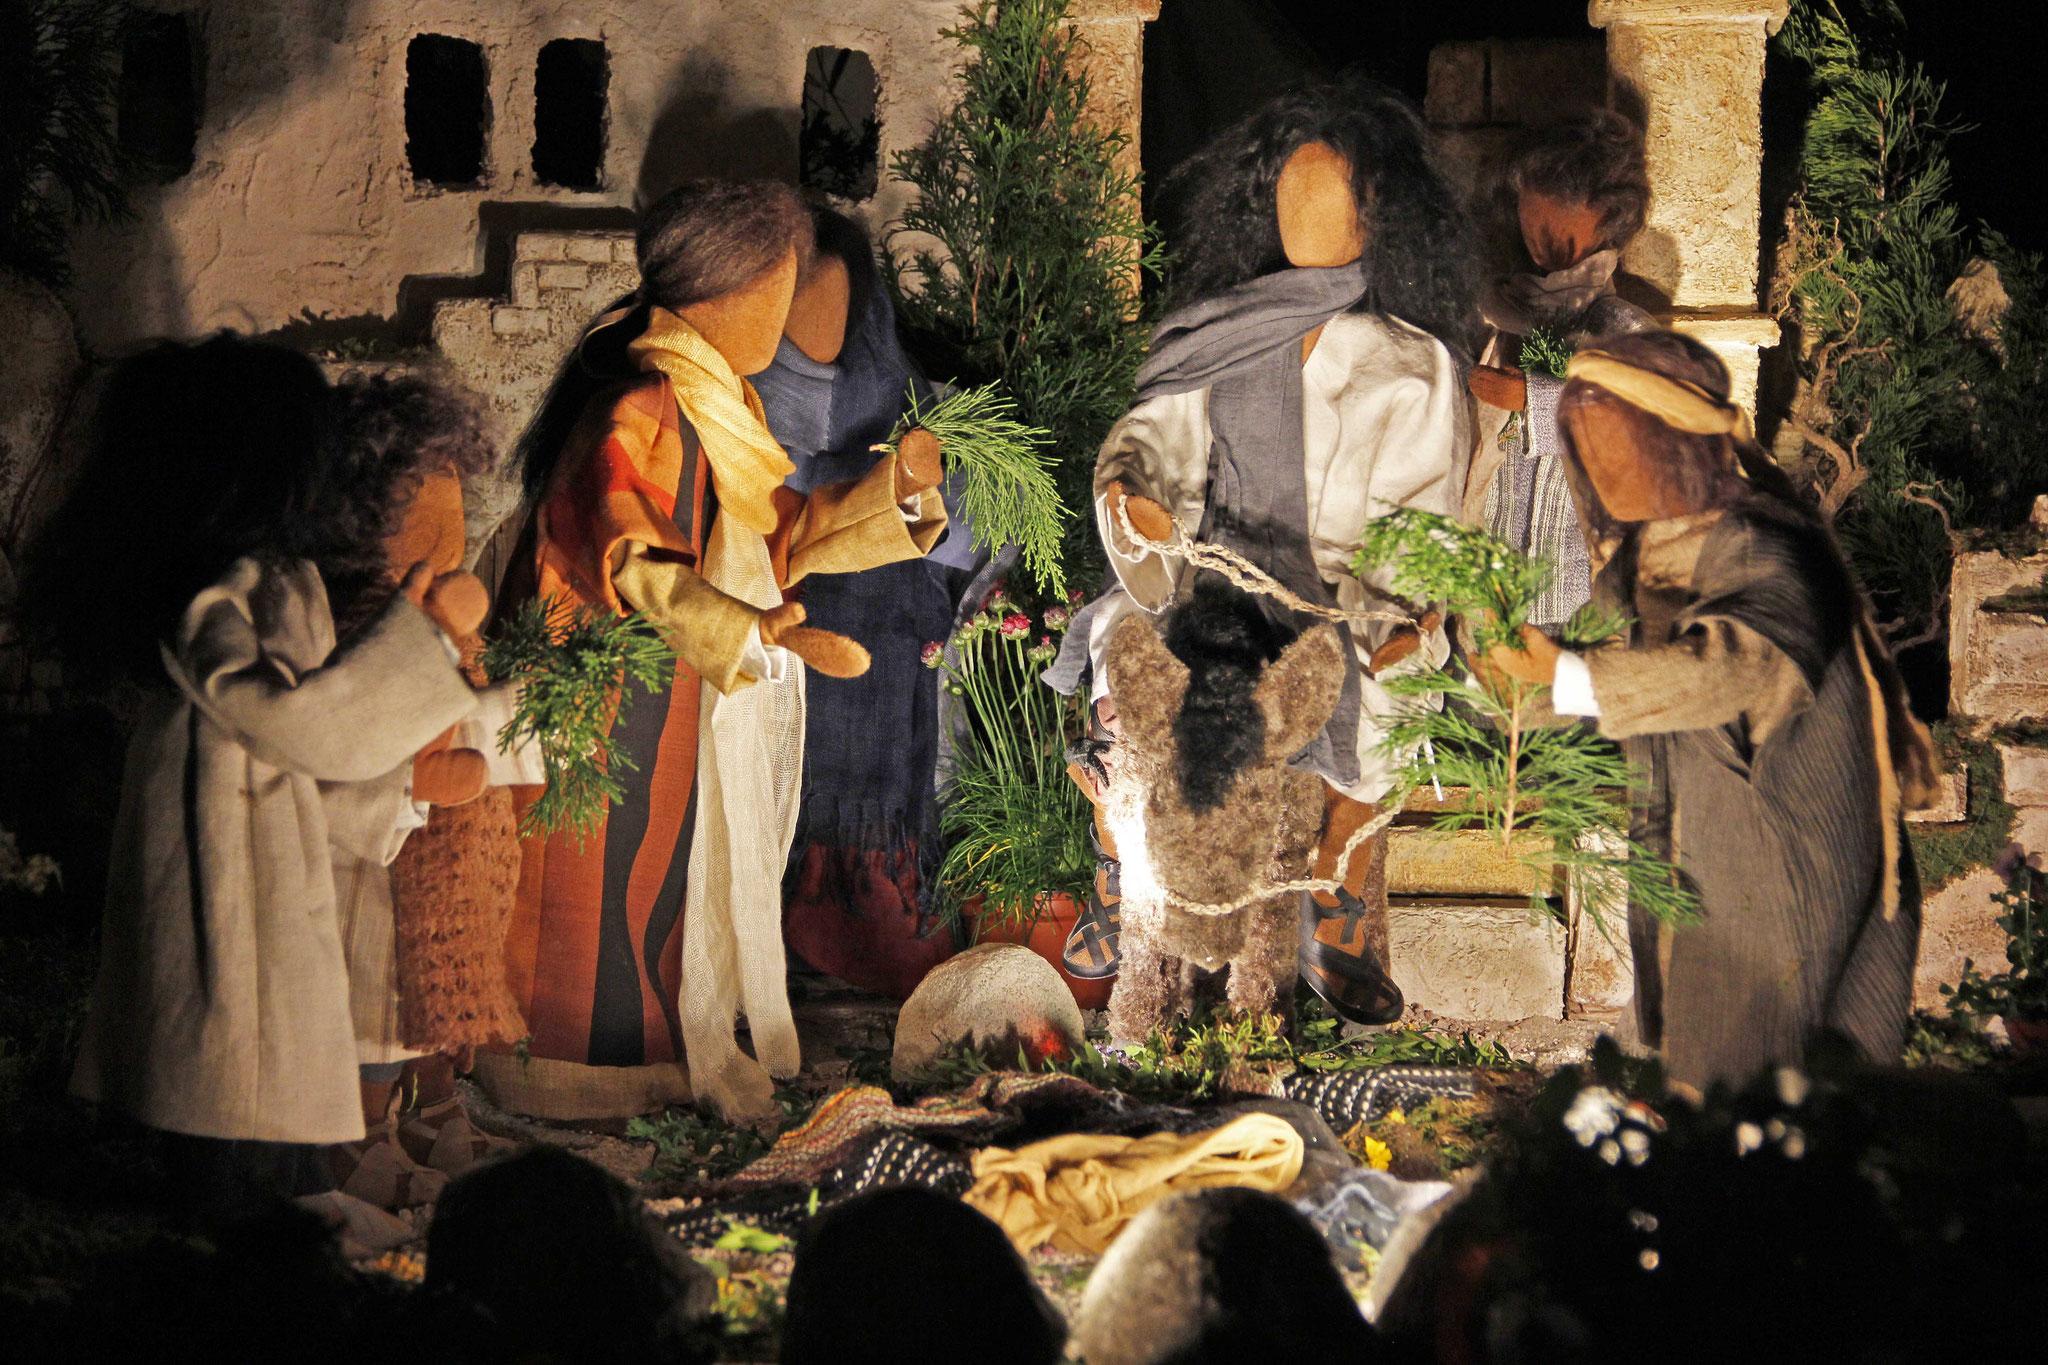 Die Leute aber, die vor ihm hergingen und die ihm folgten, riefen: Hosanna dem Sohn Davids! Gesegnet sei er, der kommt im Namen des Herrn. Hosanna in der Höhe!